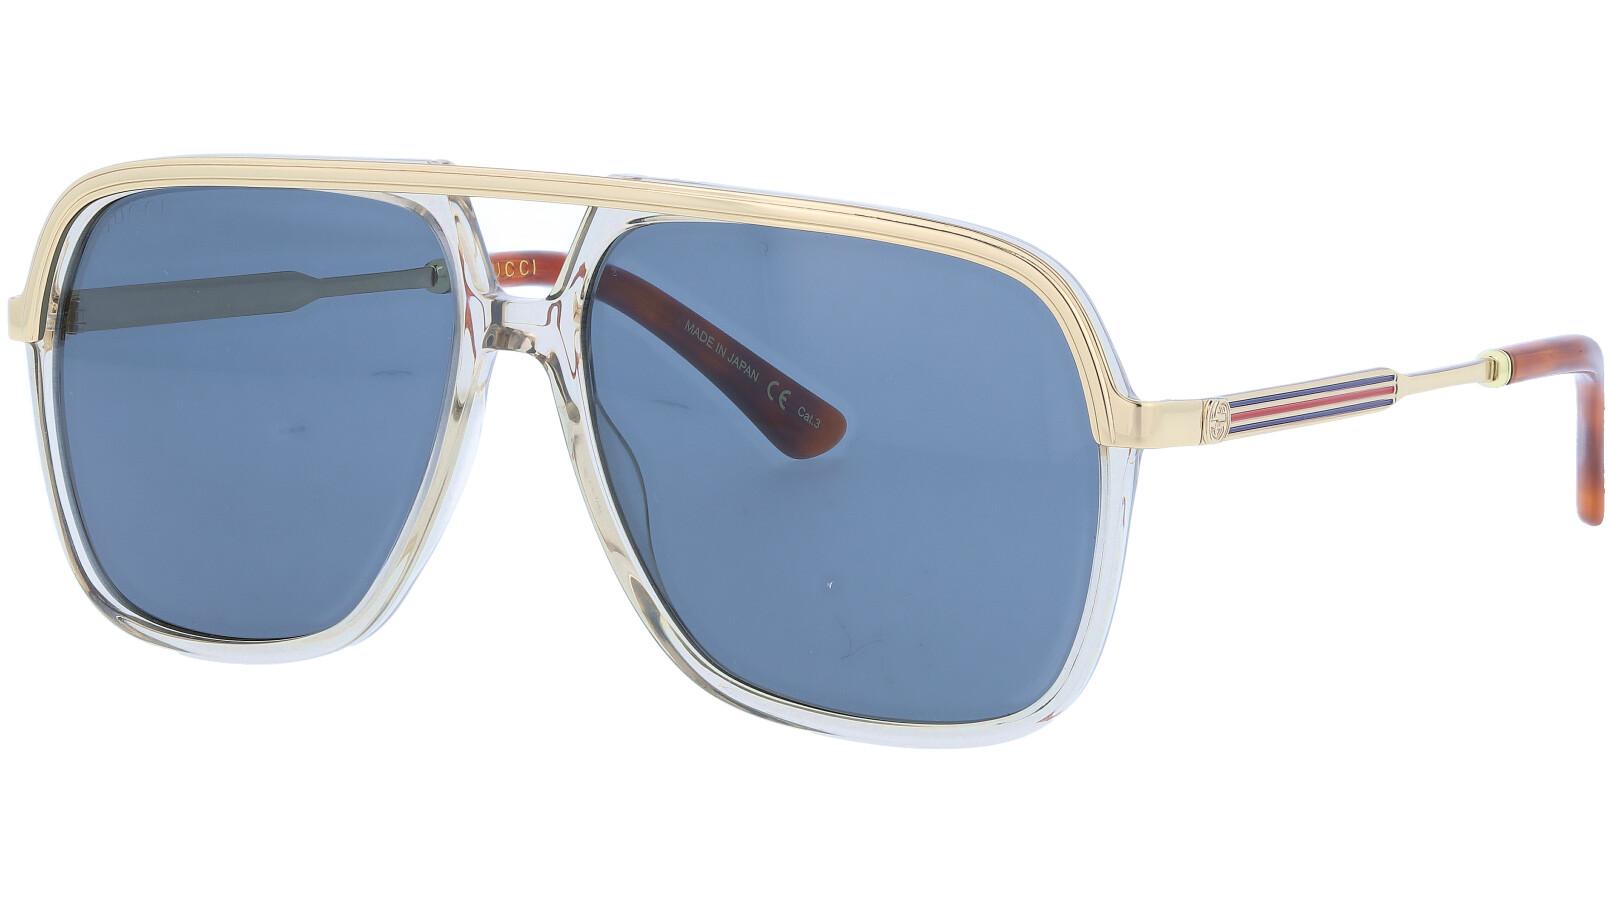 GUCCI GG0200S 004 57 BROWN Sunglasses